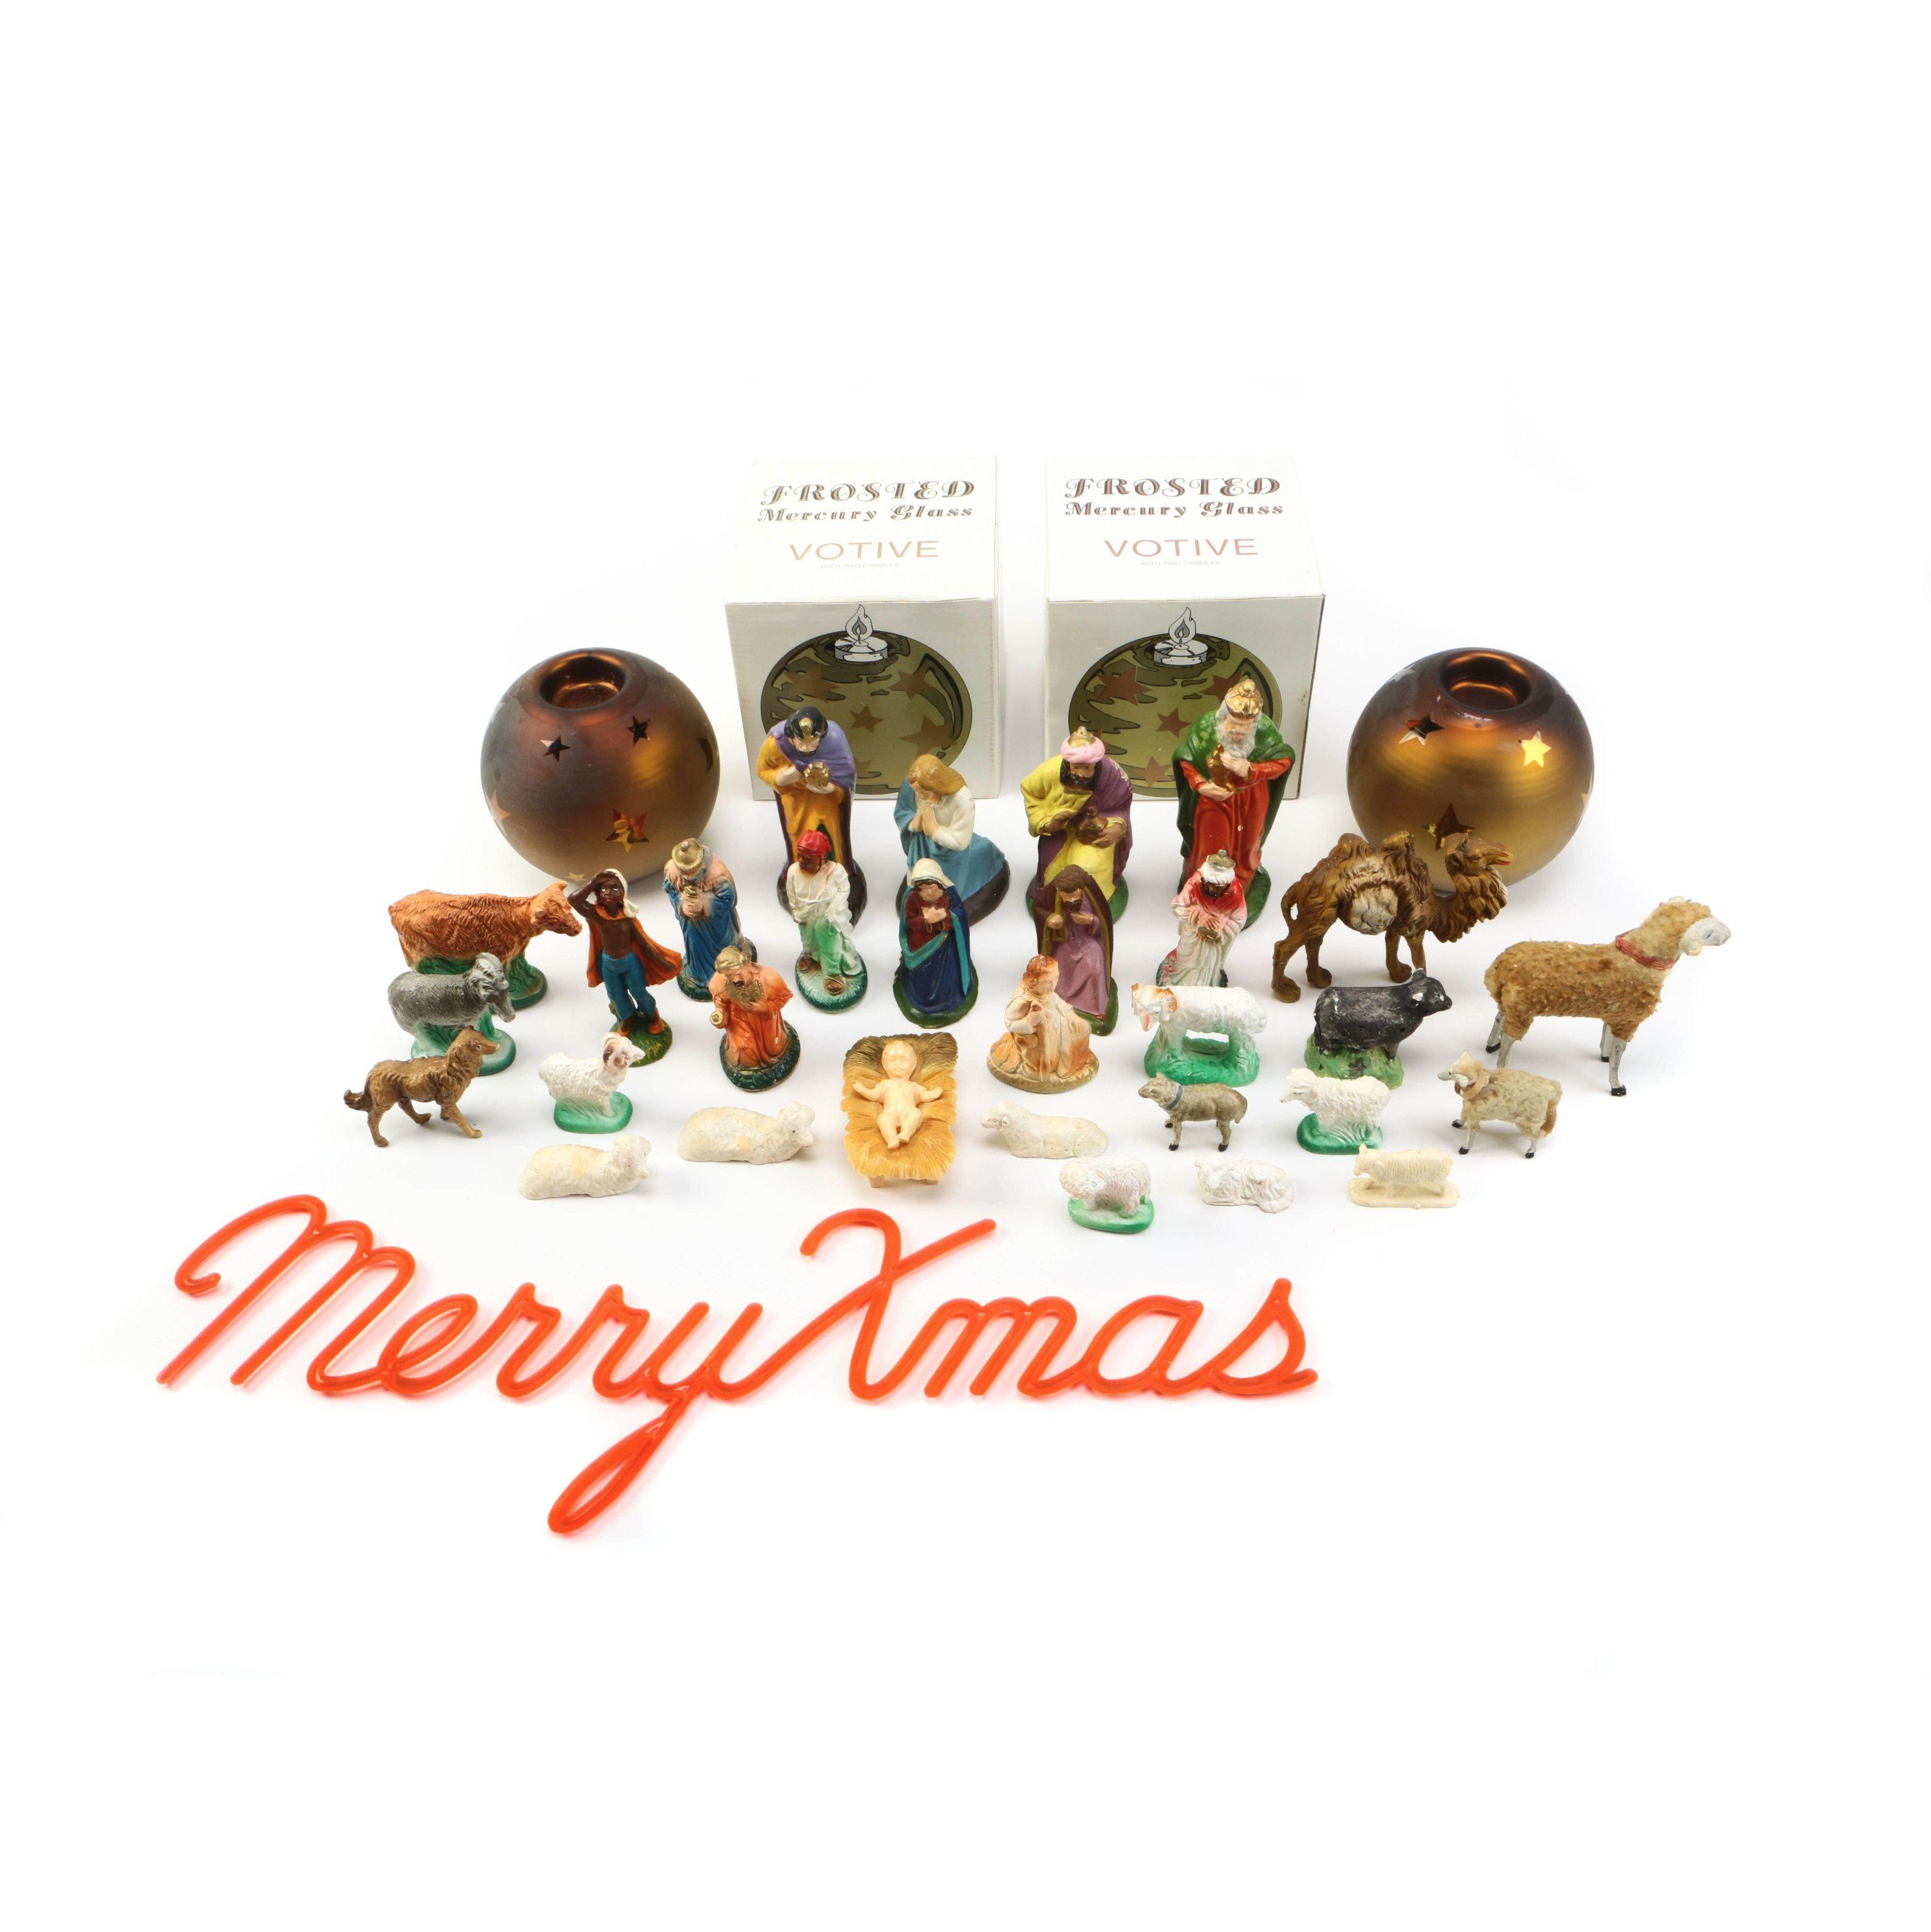 Vintage Nativity Figurines and Handblown Glass Votives